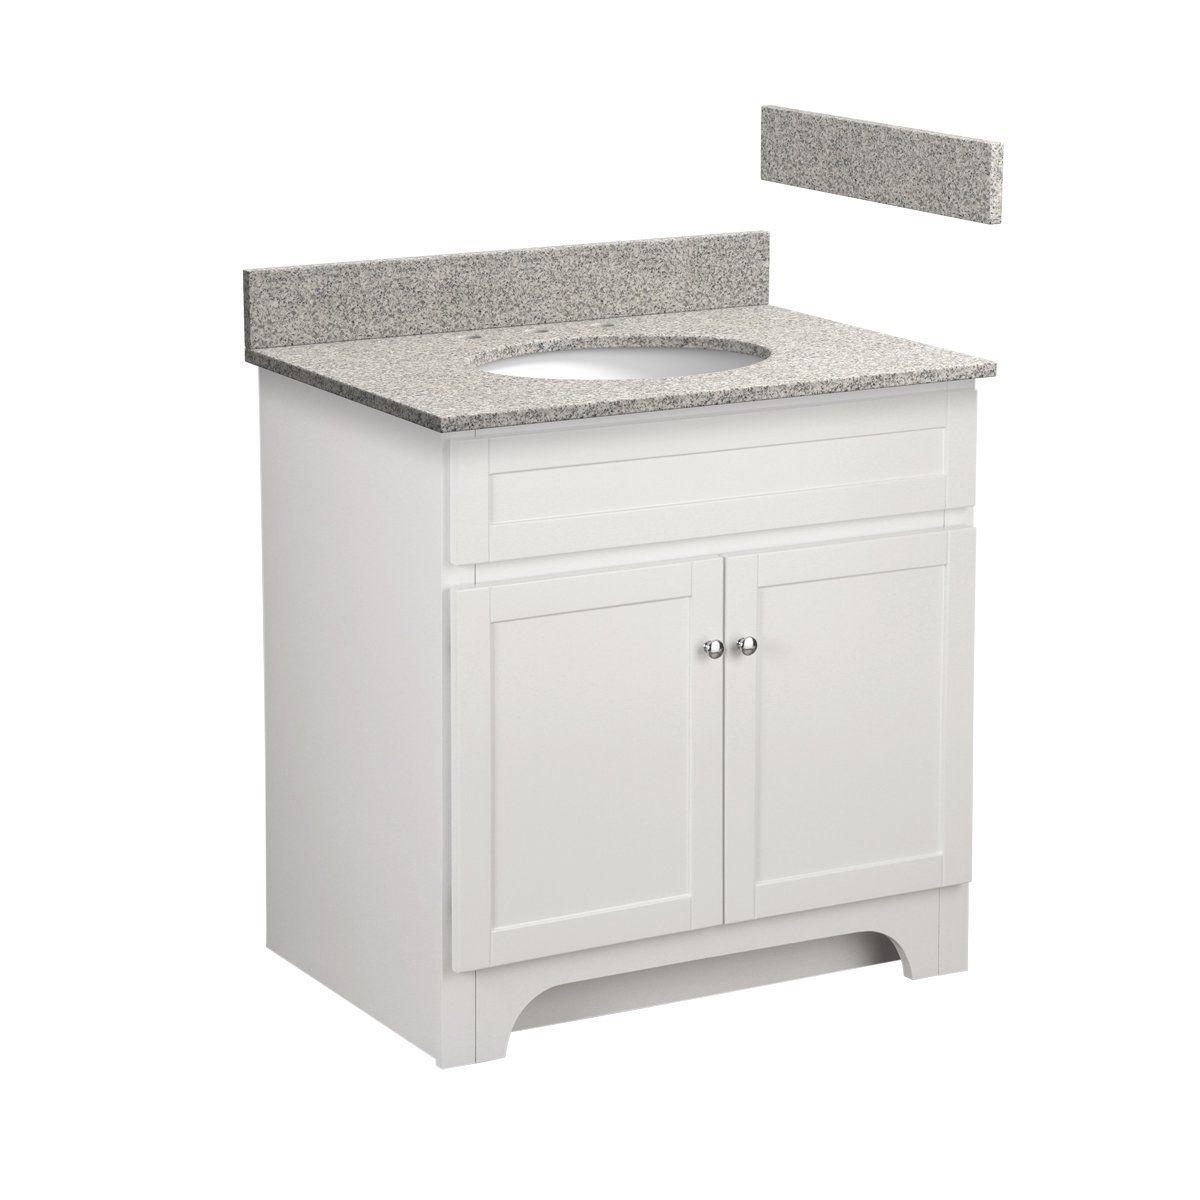 Foremost Cowat3021 8m 30 Inch Columbia Bathroom Vanity Combo With Meteorite Gray Granite Top Pre Attached Undermo Bathroom Vanity Combo Bathroom Vanity Vanity